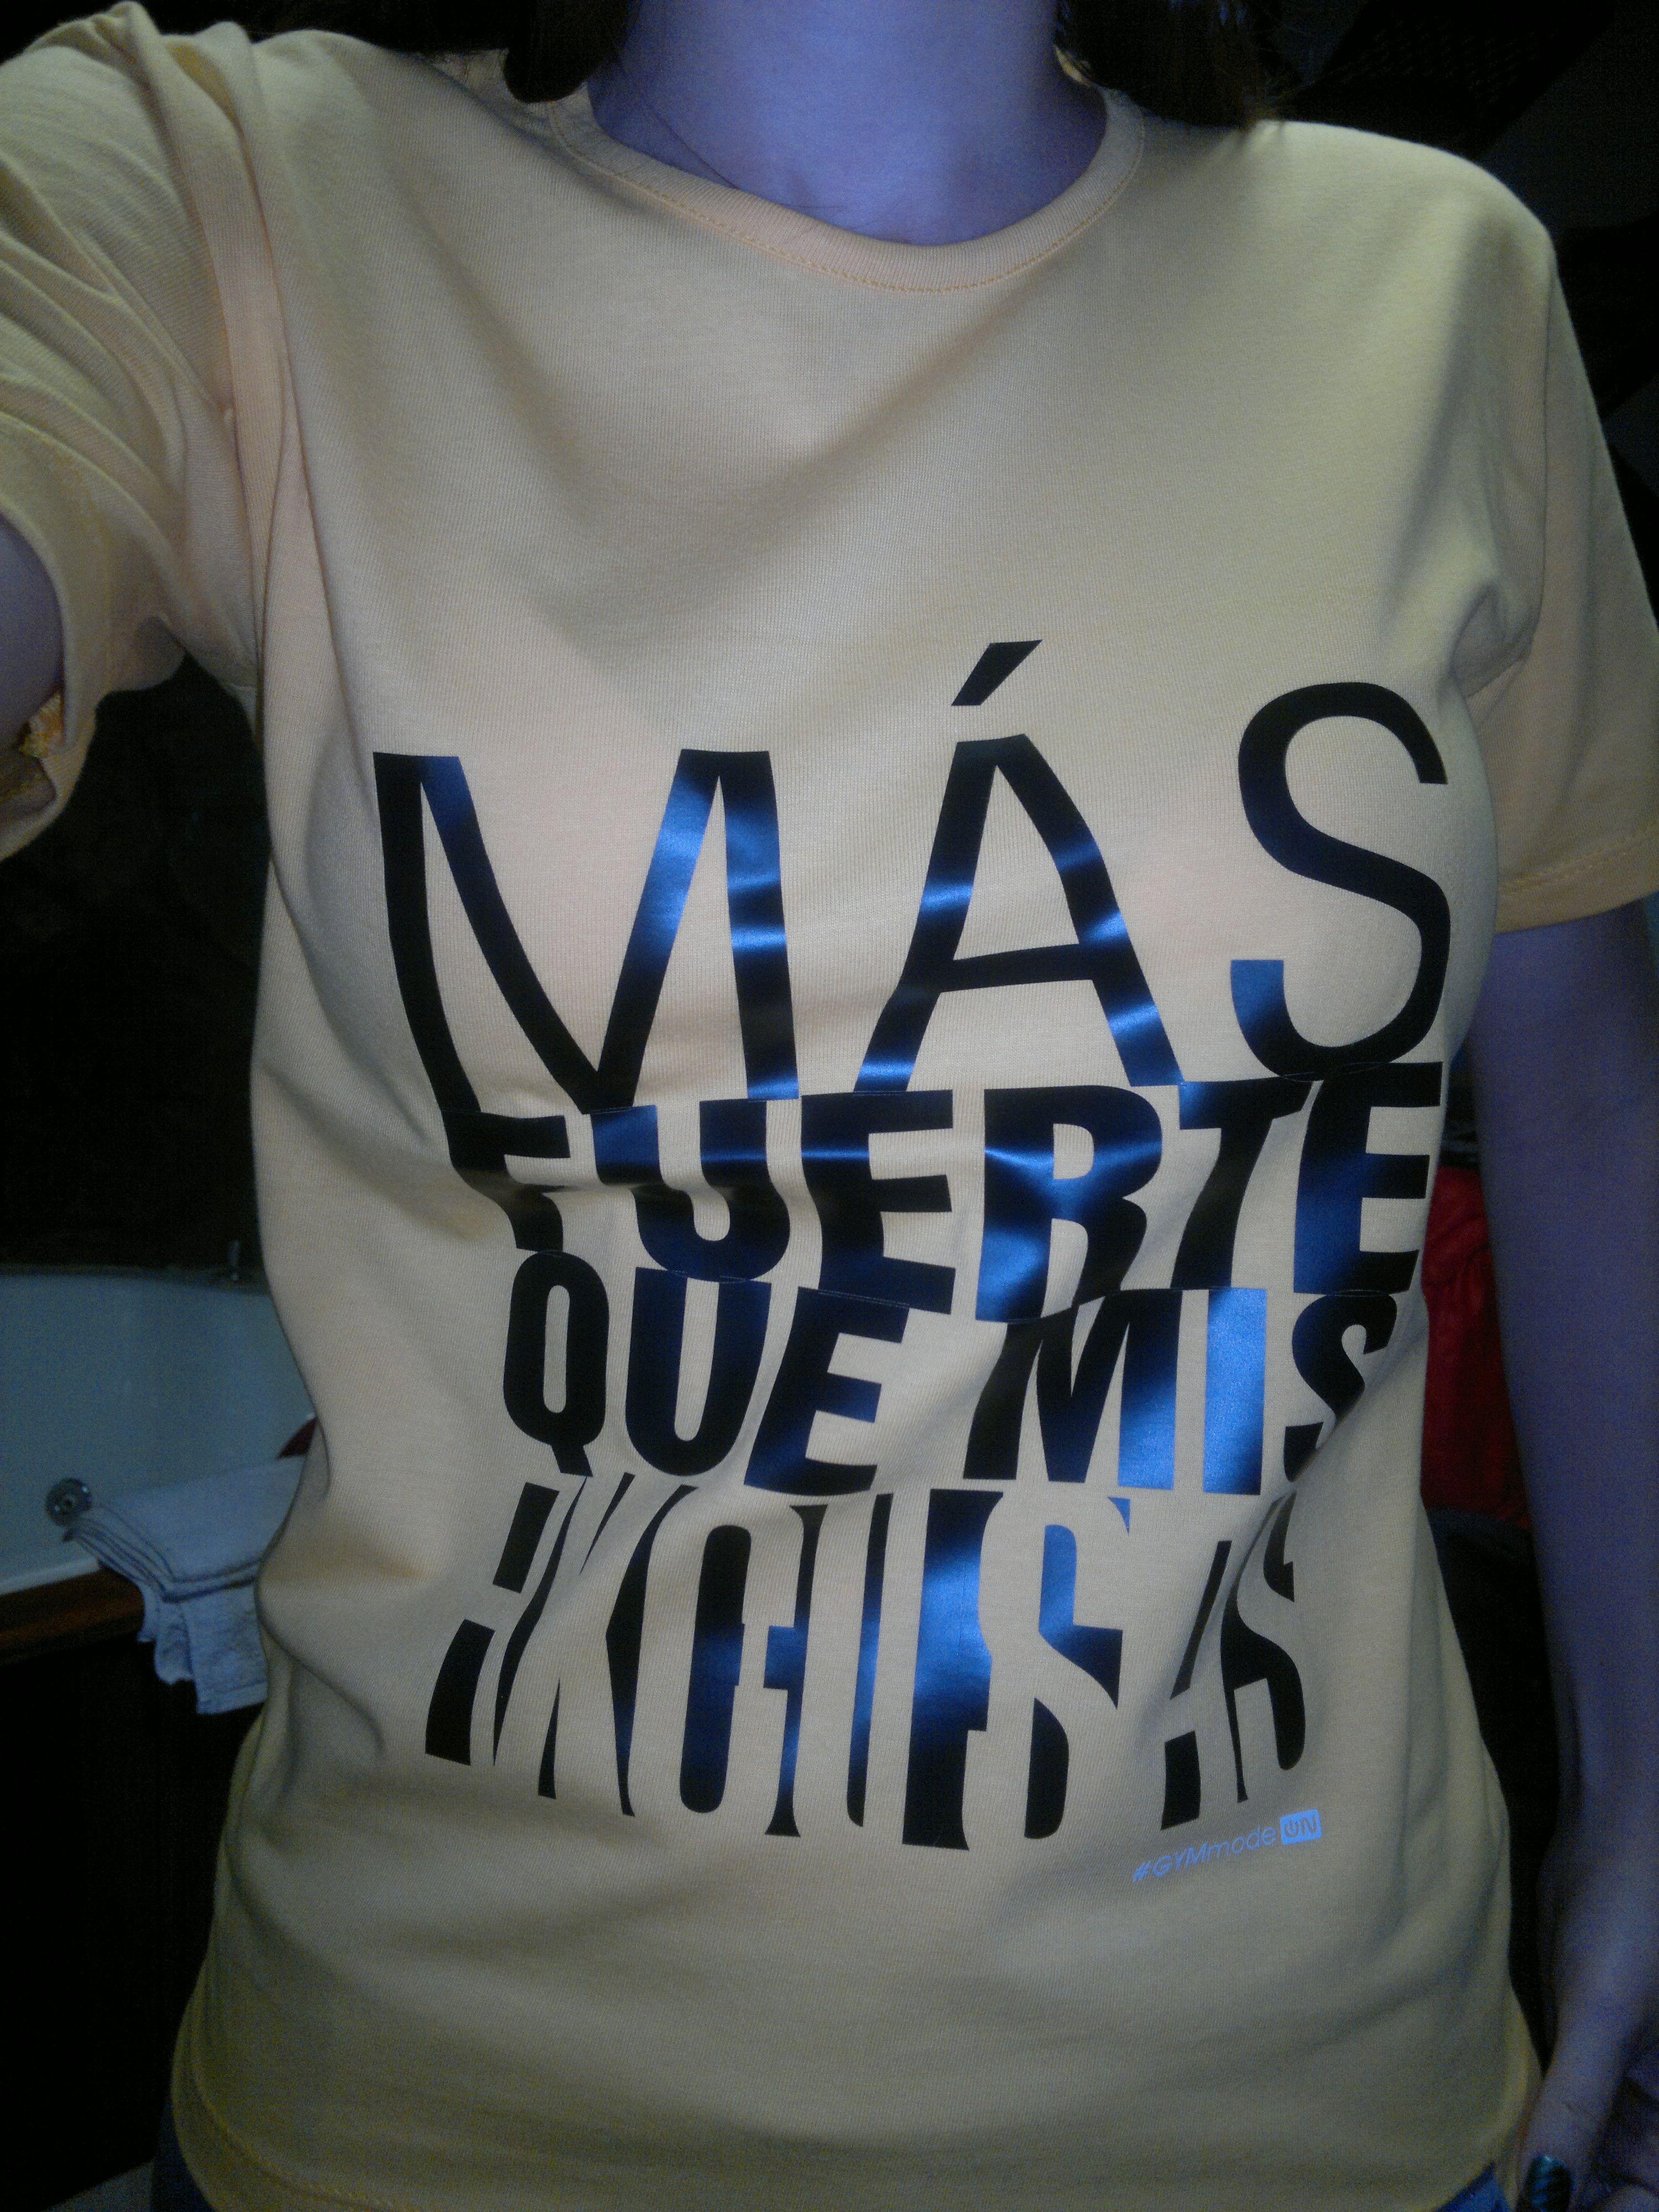 Hoy #Waykis Más Fuerte Que Mis #Excusas, Si estás de acuerdo, compartilo.